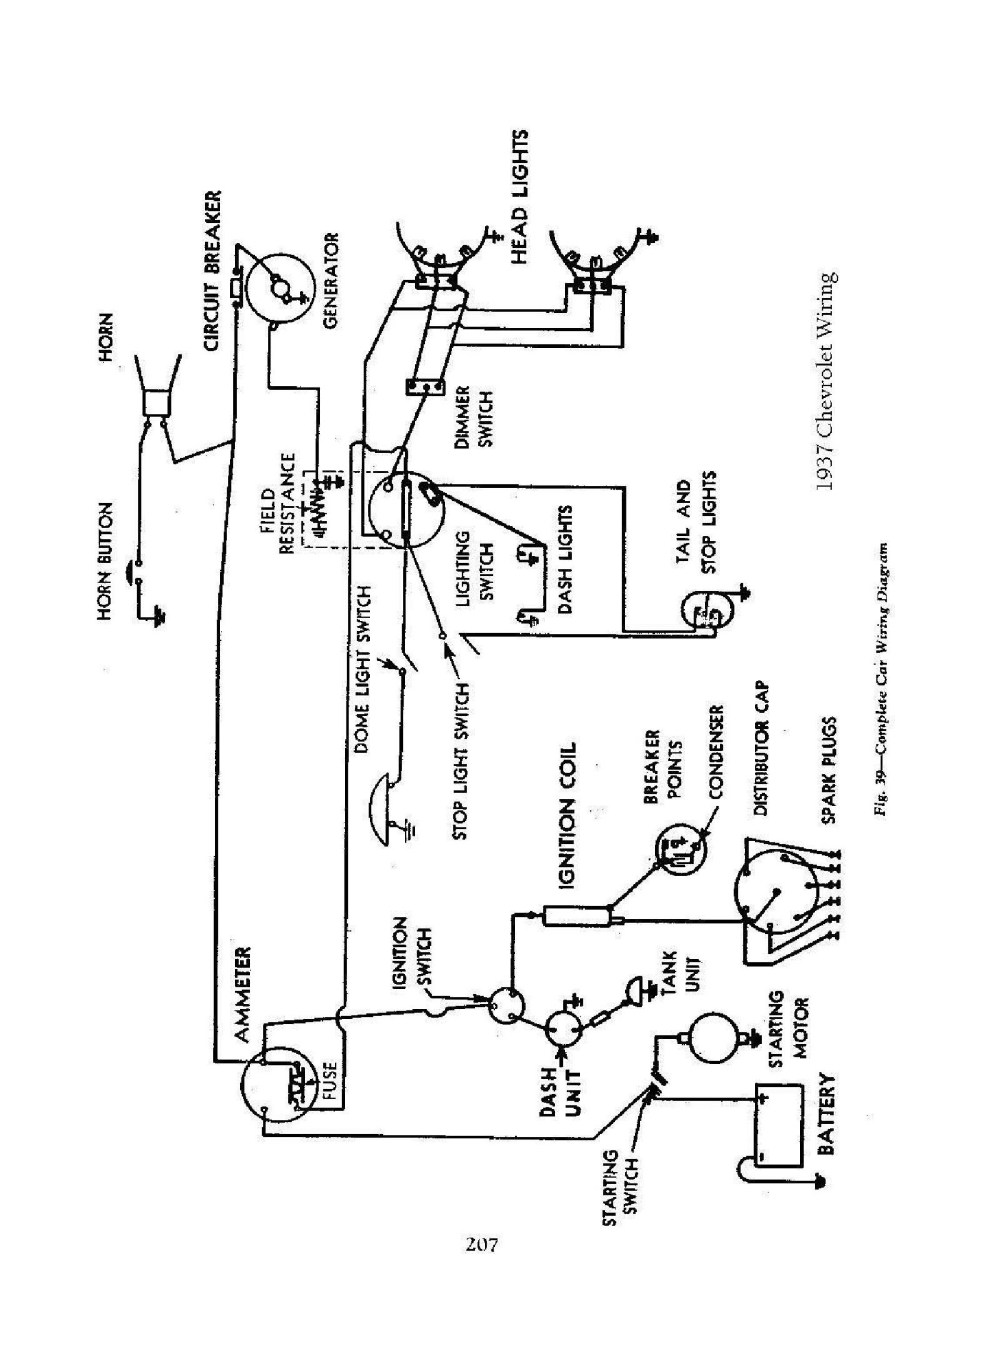 medium resolution of car dome light wiring diagram chevy wiring diagrams of car dome light wiring diagram 1 jpg